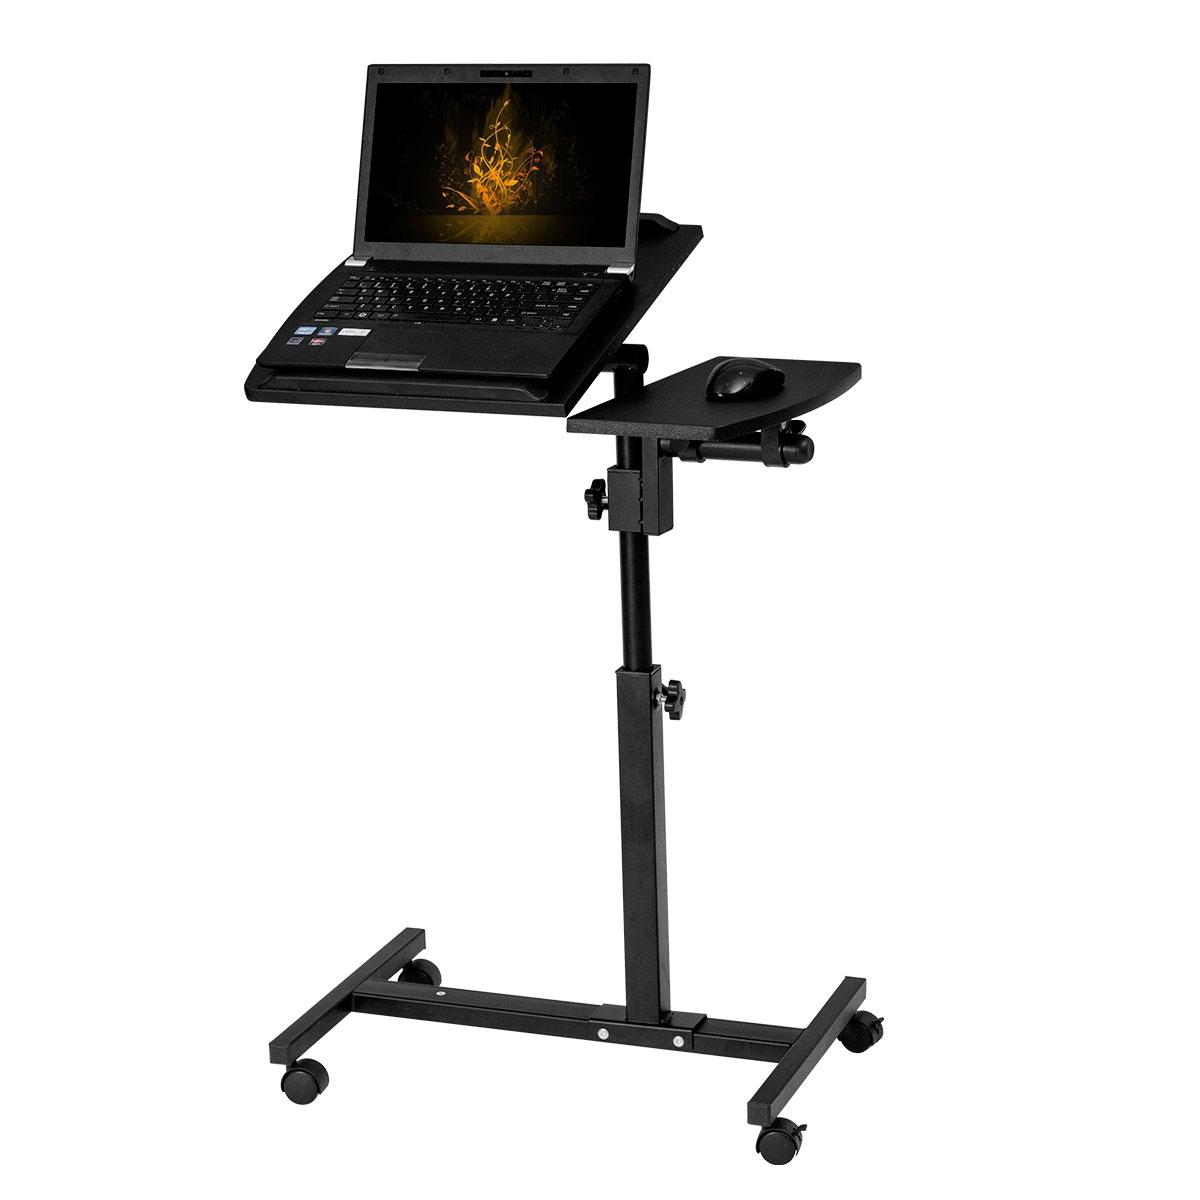 COSTWAY Tavolino per Computer PC Porta Laptop in bamb/ù Pieghevole Inclinabile 56 x 35,5 x 29 cm Desk per Colazione a Letto